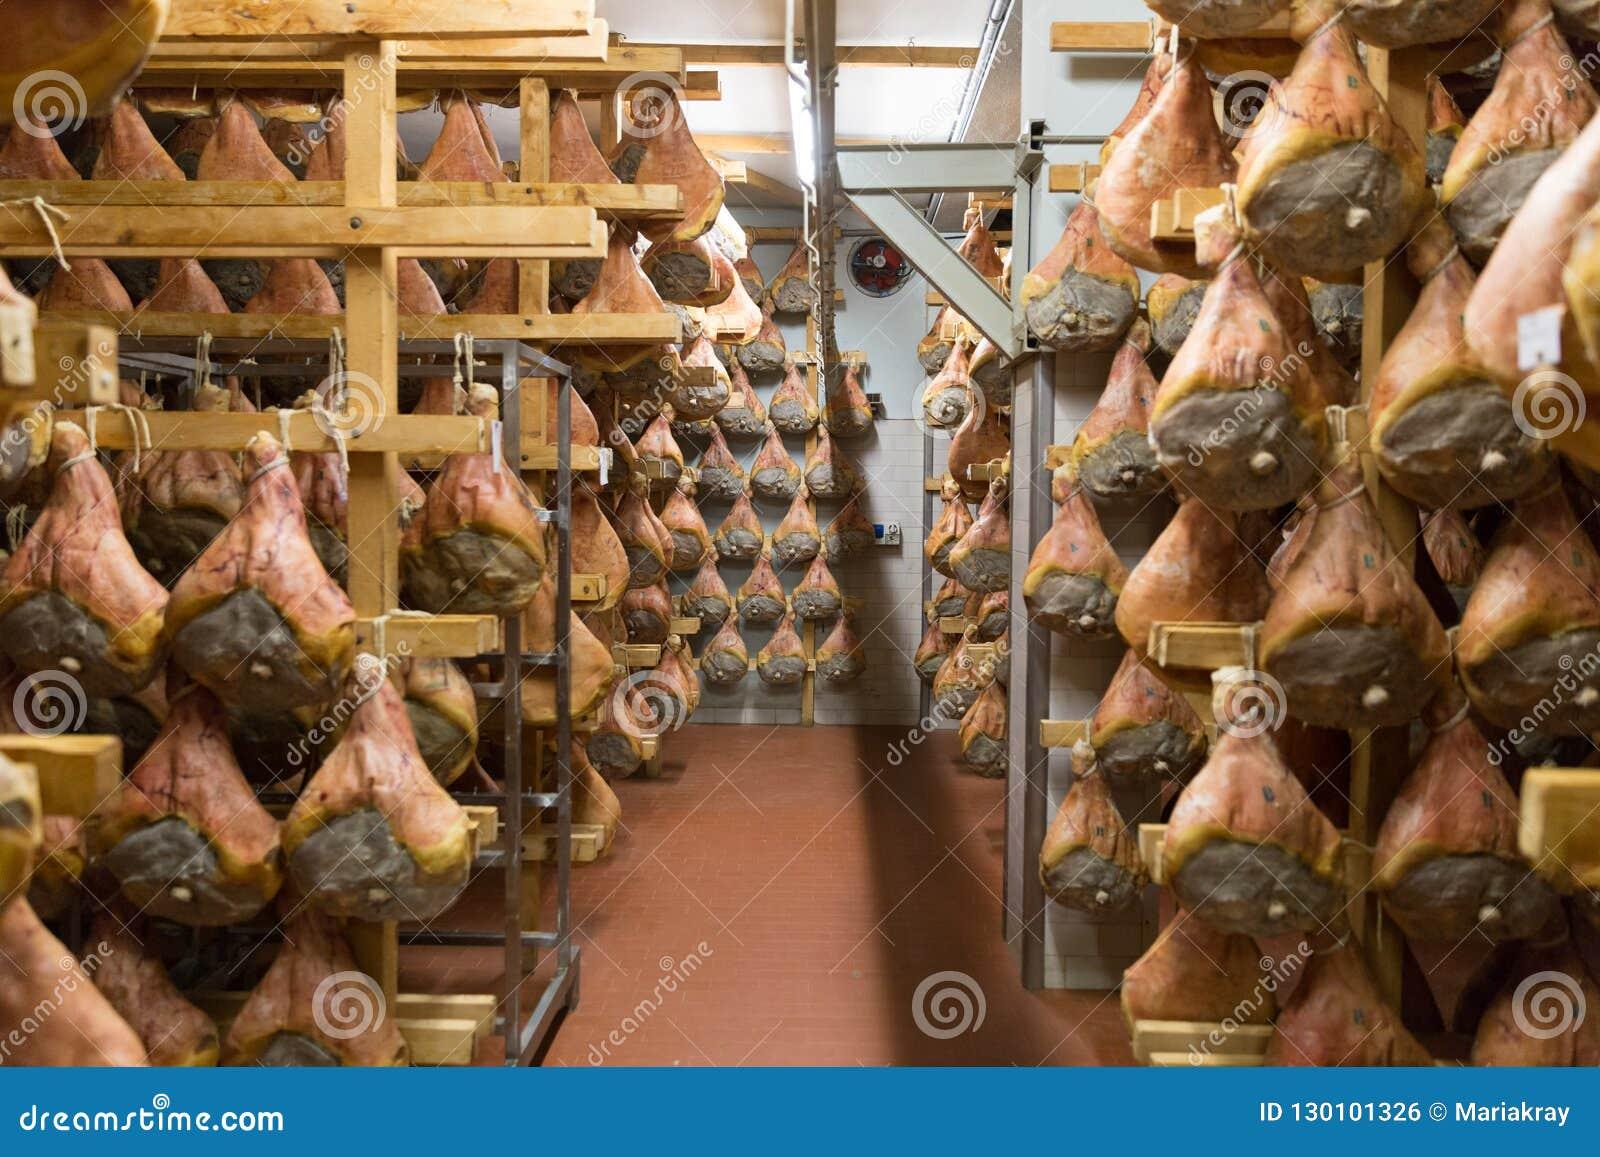 BOLOGNA, ITALY. May 02, 2018: Sorage Of Prosciutto In Ham ...